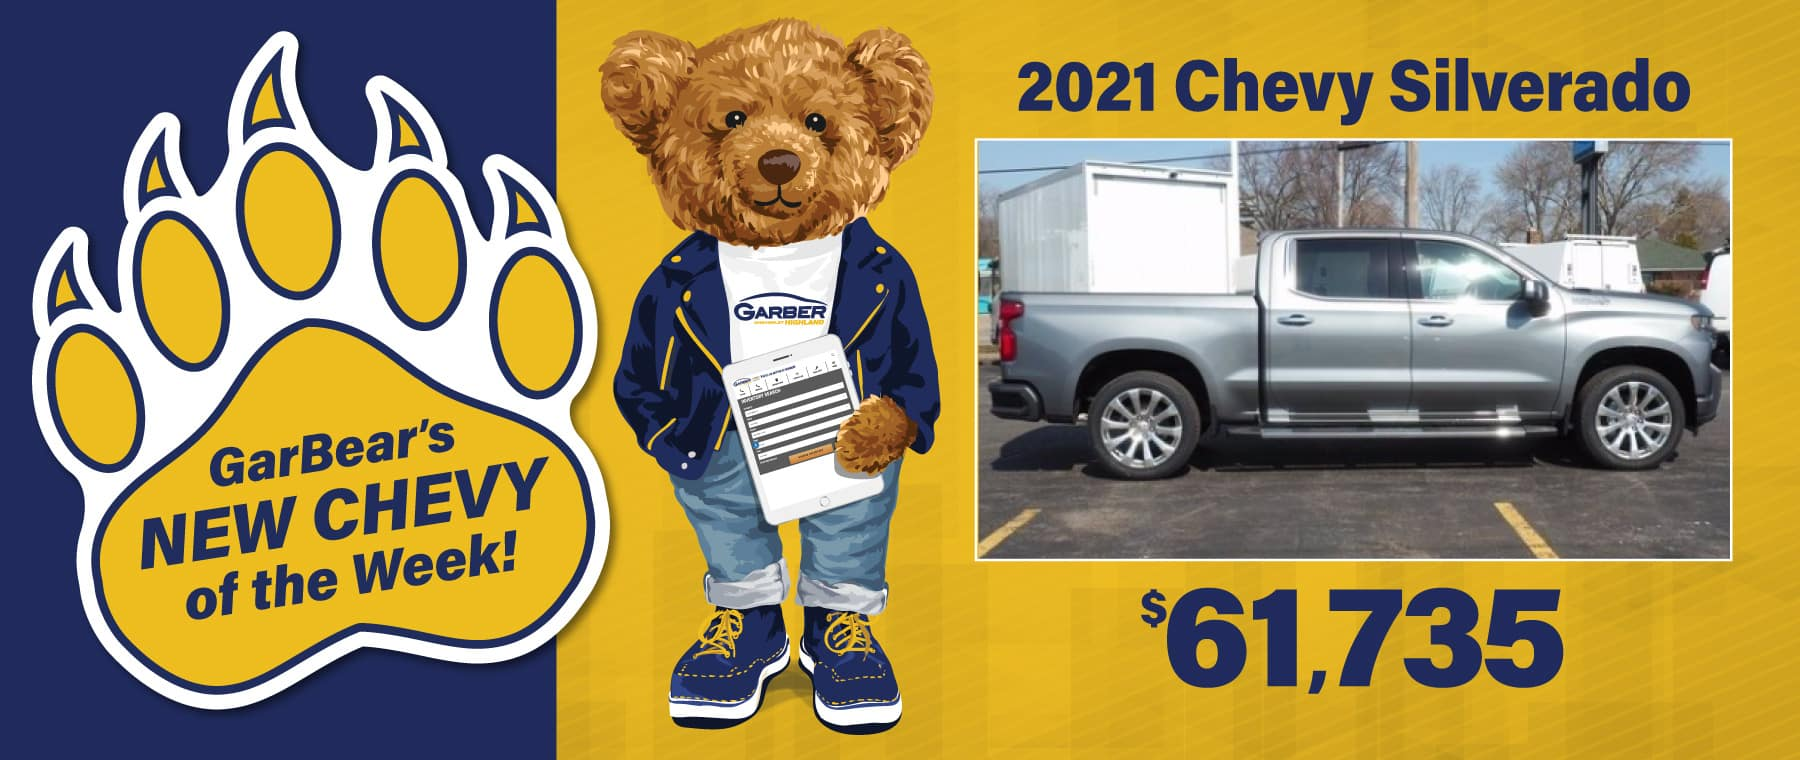 2021 Chevy Silverado $61,735